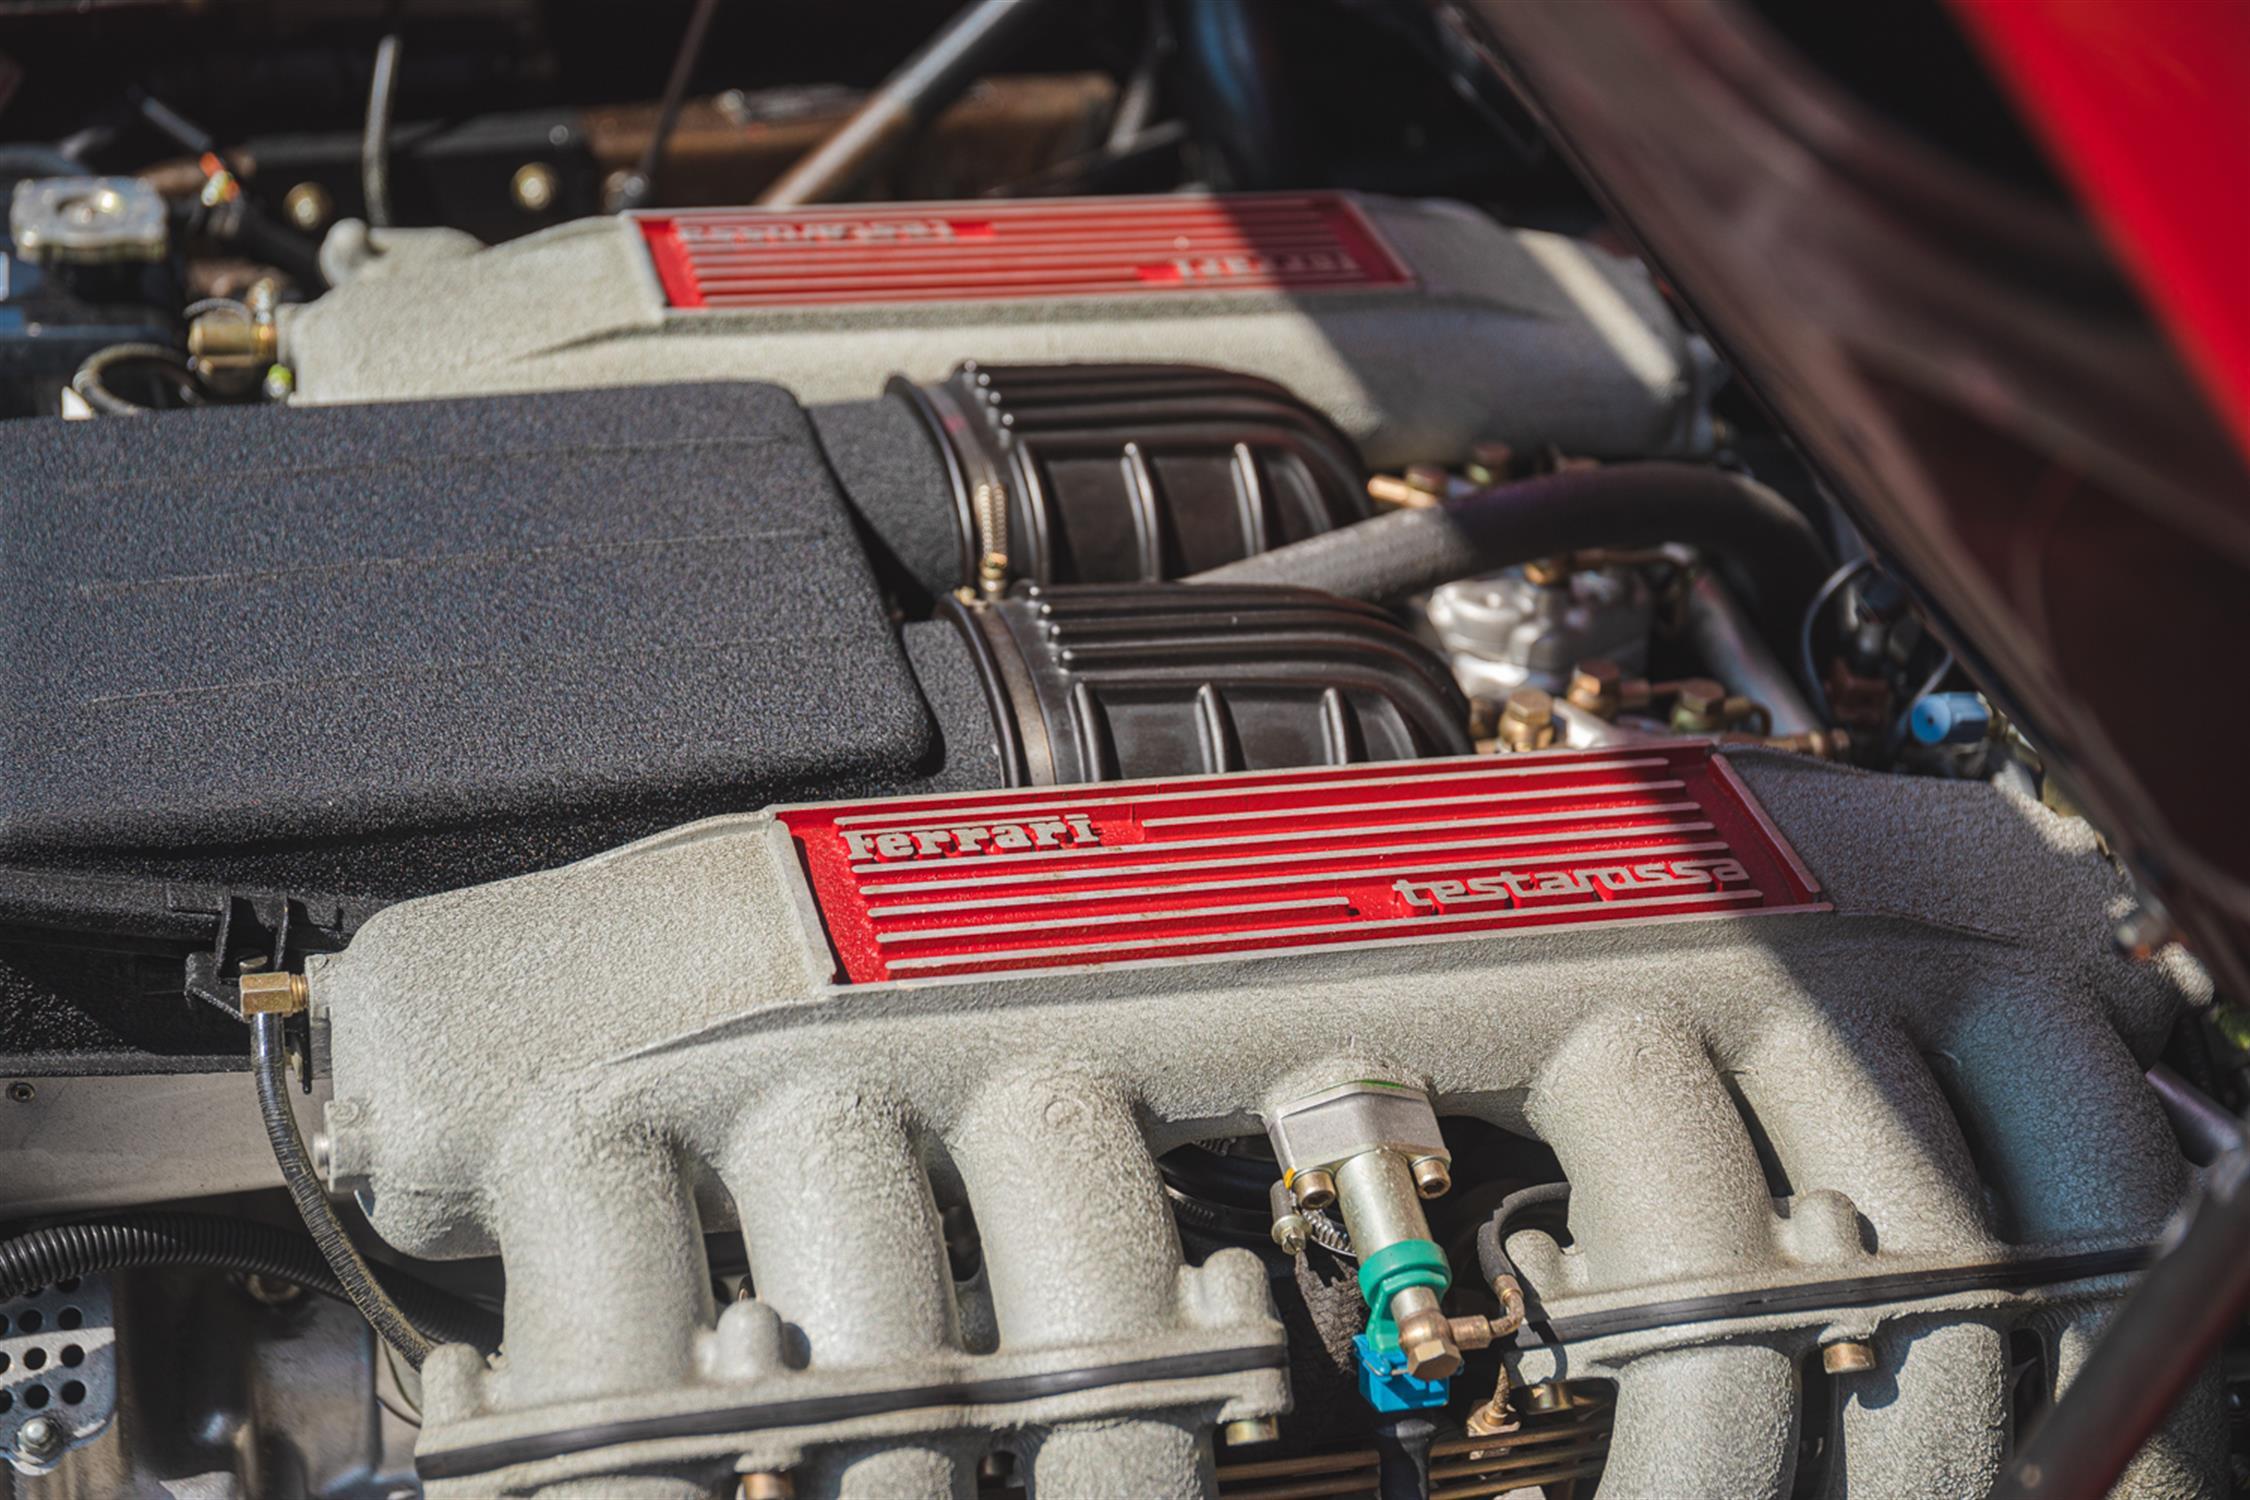 1991 Ferrari Testarossa - 1,829 Kilometres From New & Classiche'd - Image 14 of 15